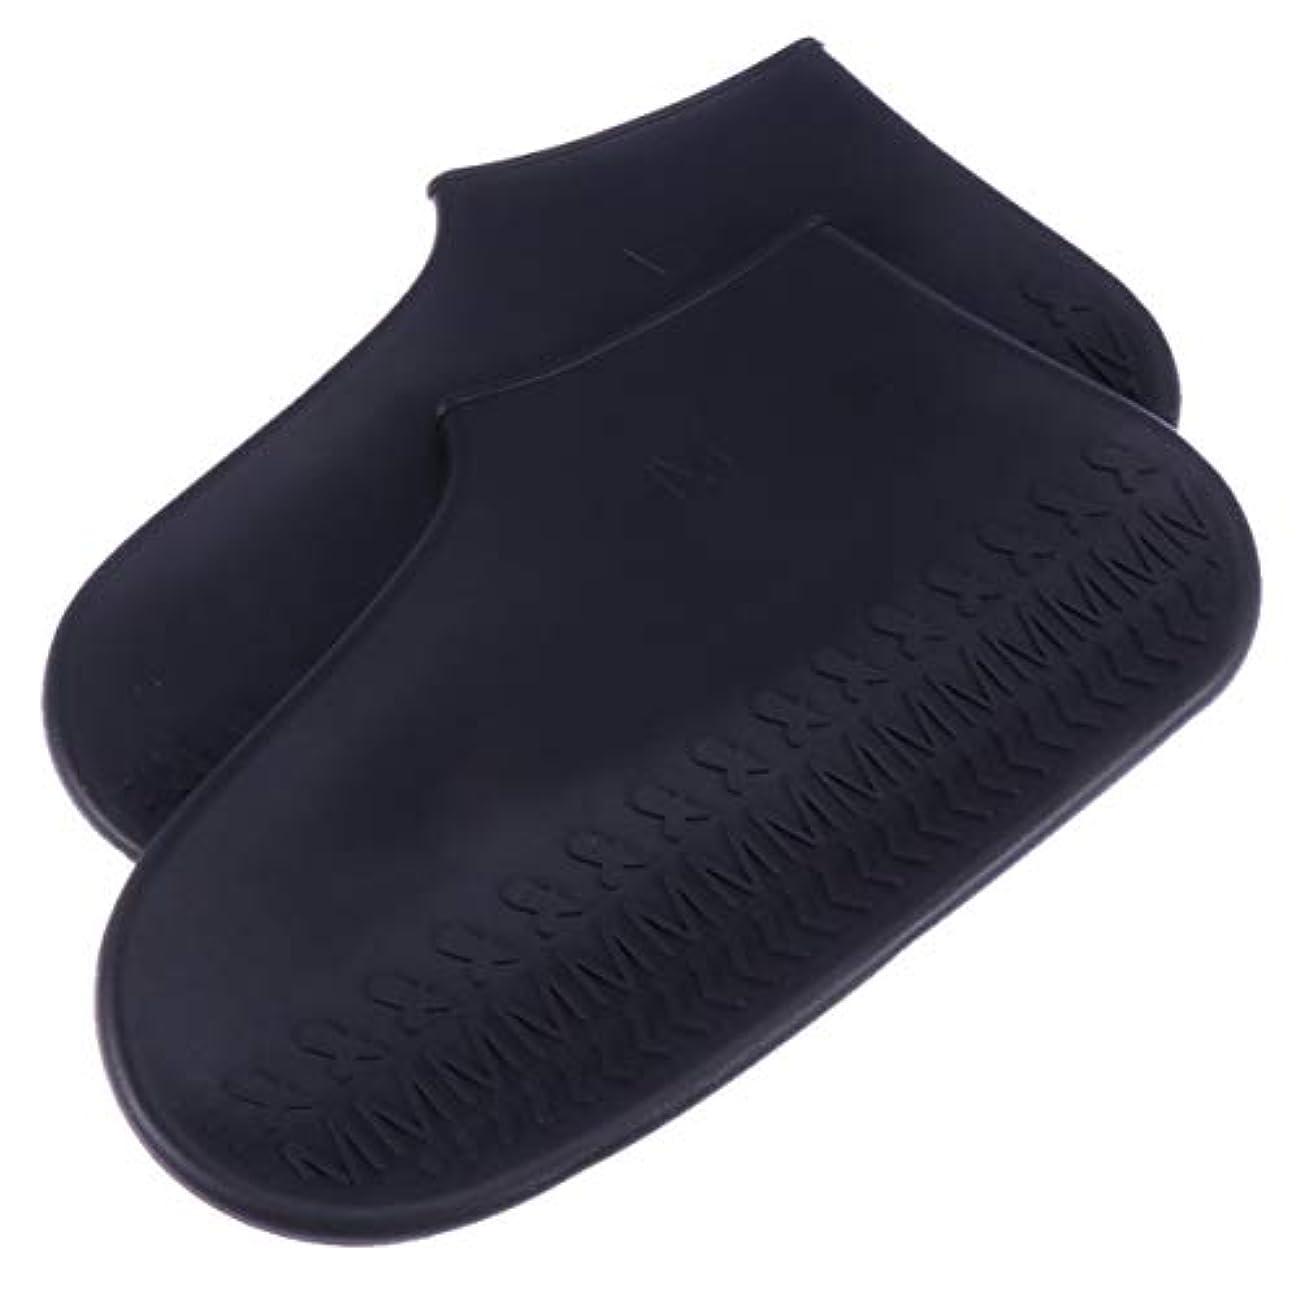 土地愛されし者盲信Healifty シューズカバー 防水 靴カバー 滑り止め 耐摩耗 携帯便利 梅雨対策 男女兼用